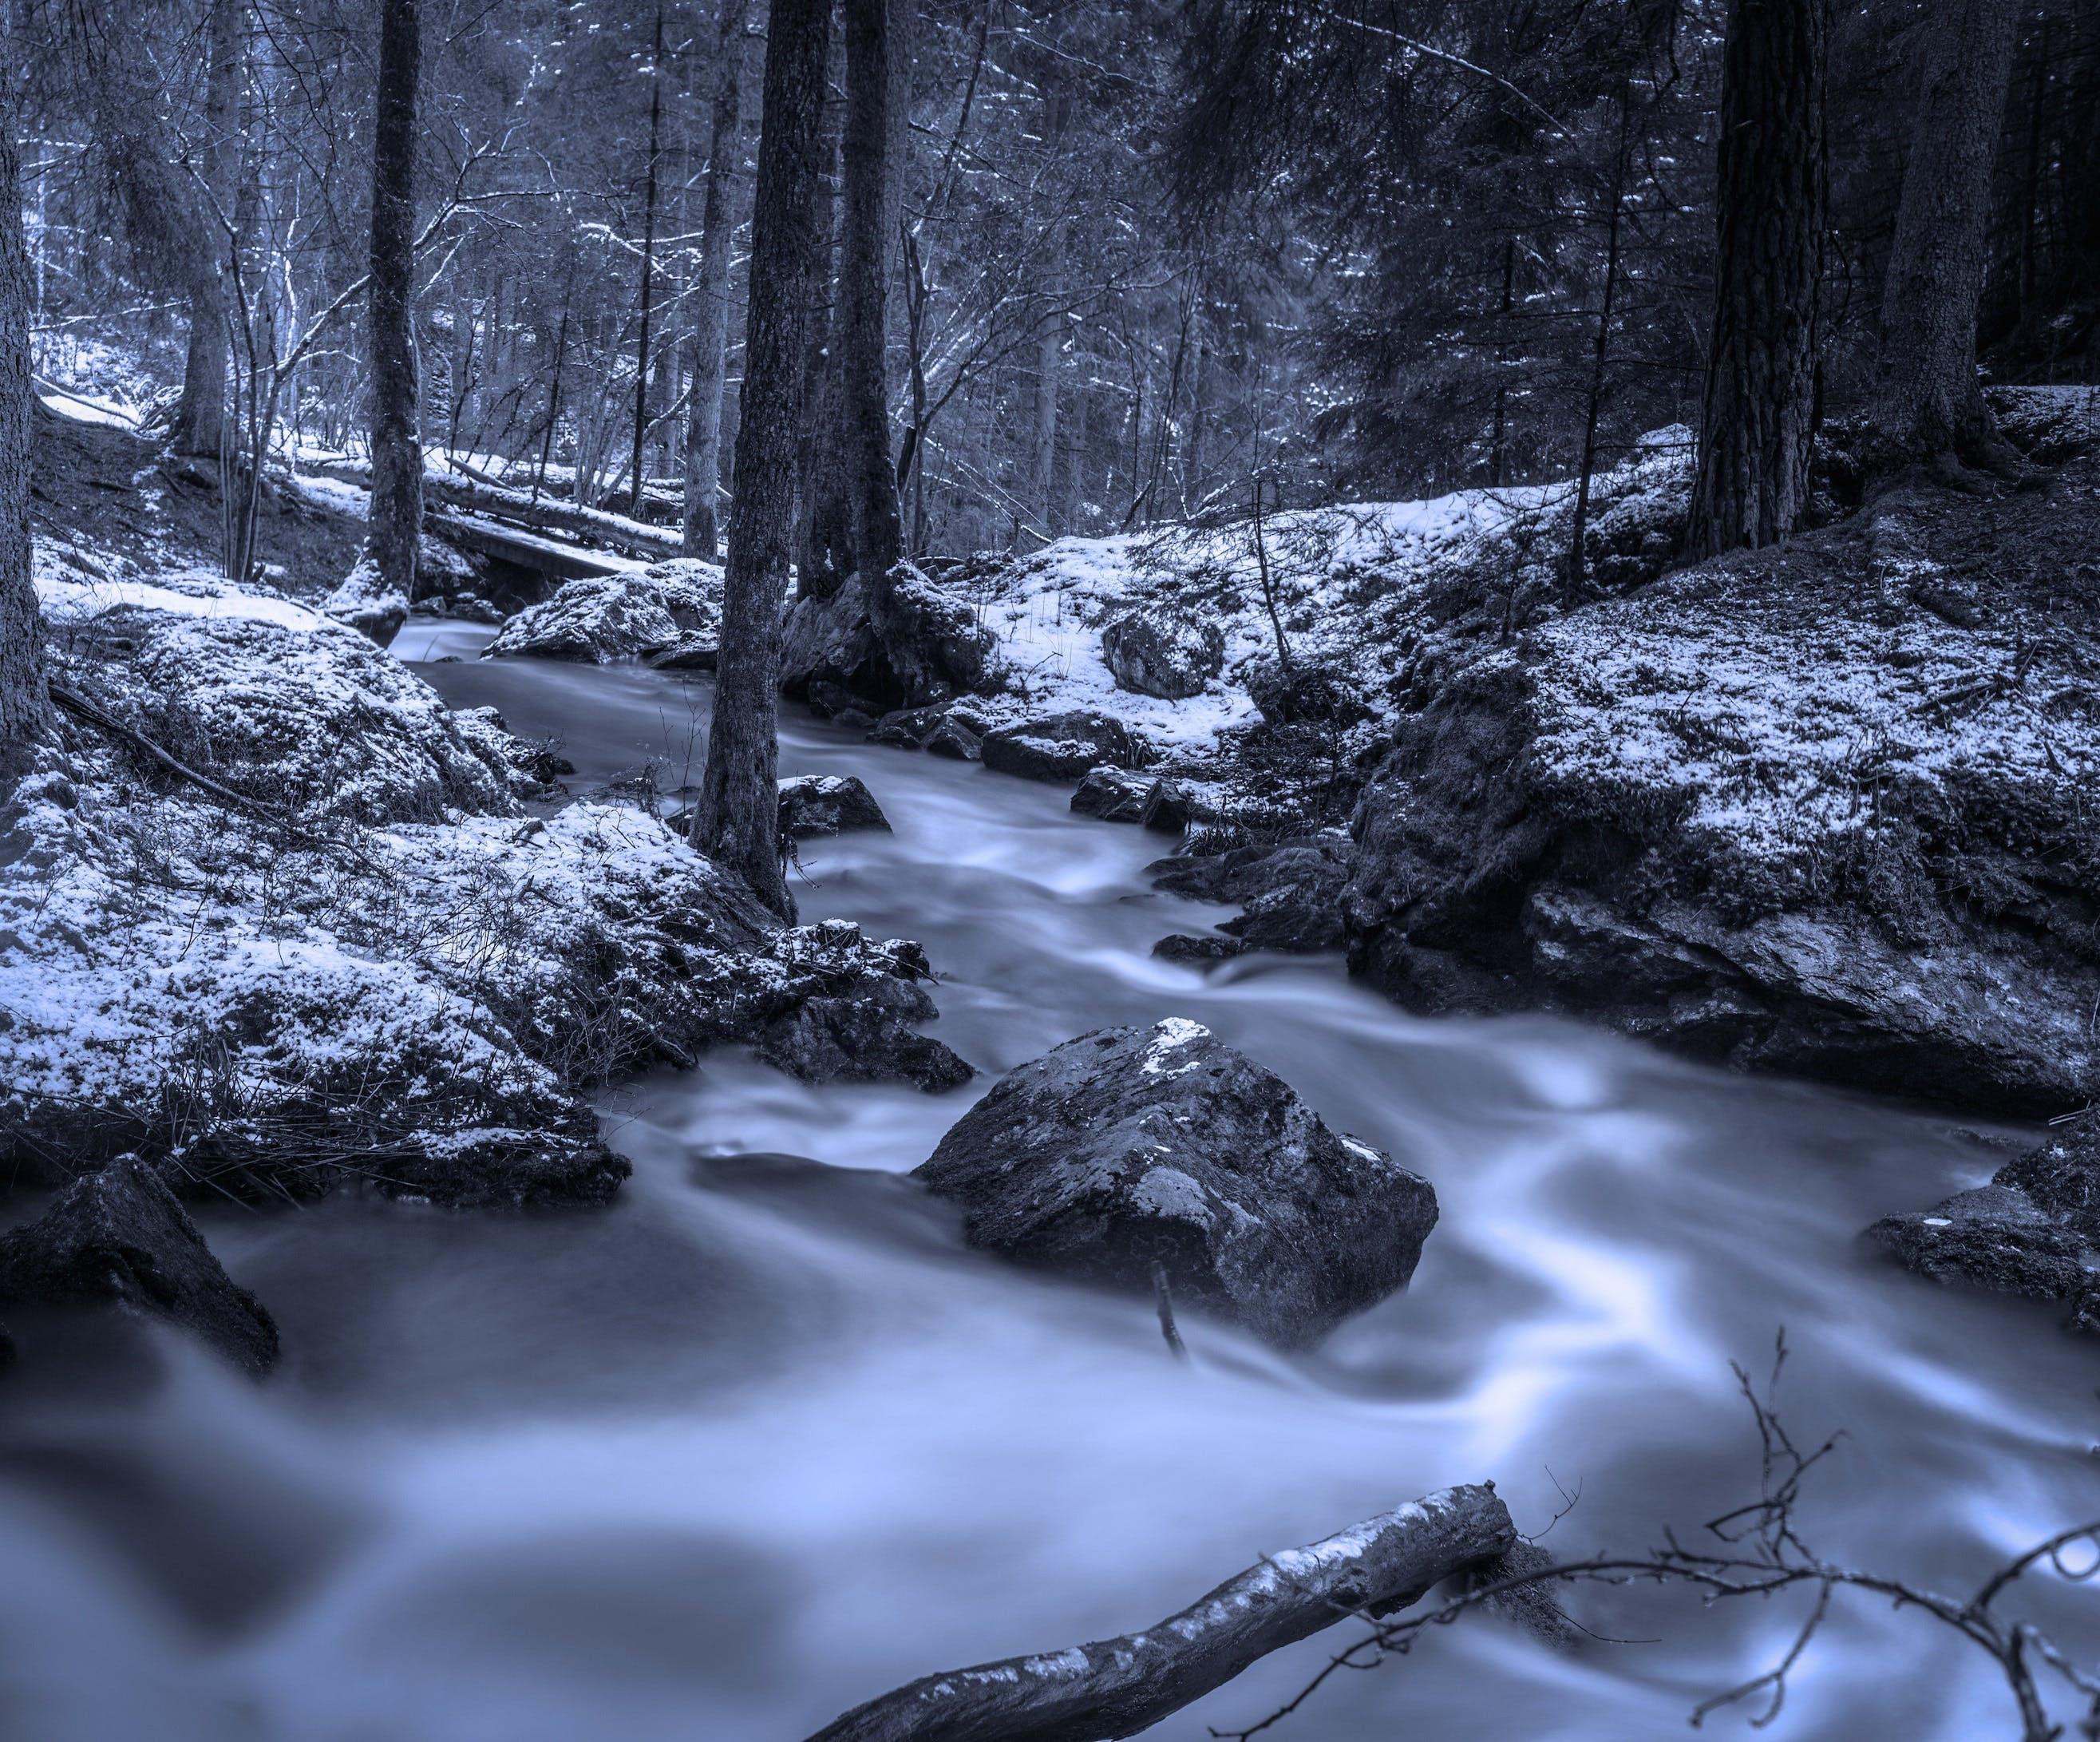 コールド, パーク, モーション, 冬の無料の写真素材